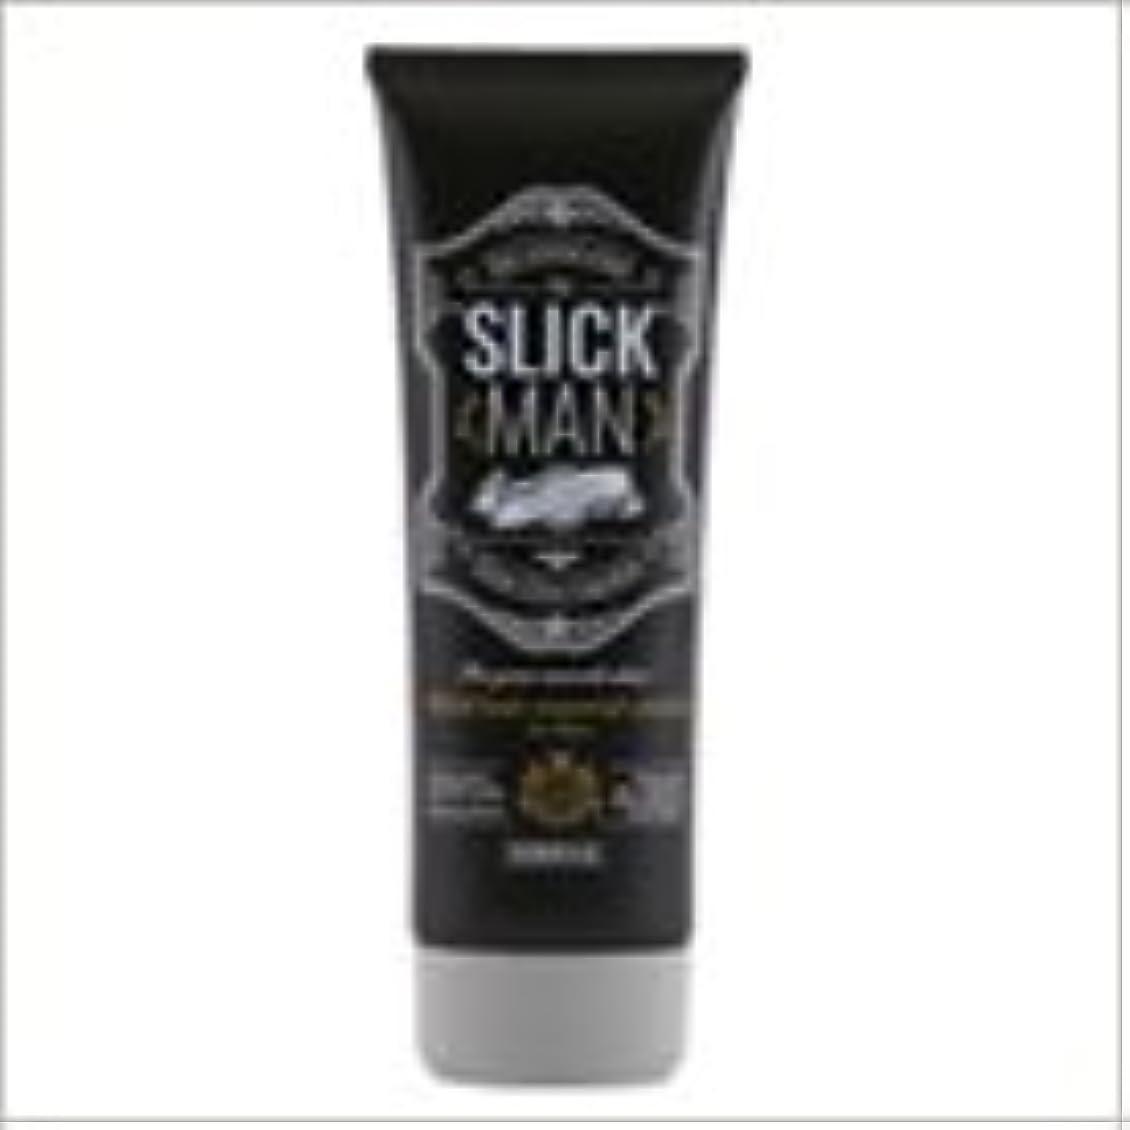 緩める重荷言語学SLICK MAN スリックマン 男性用除毛クリーム 120g(約1ヶ月分)